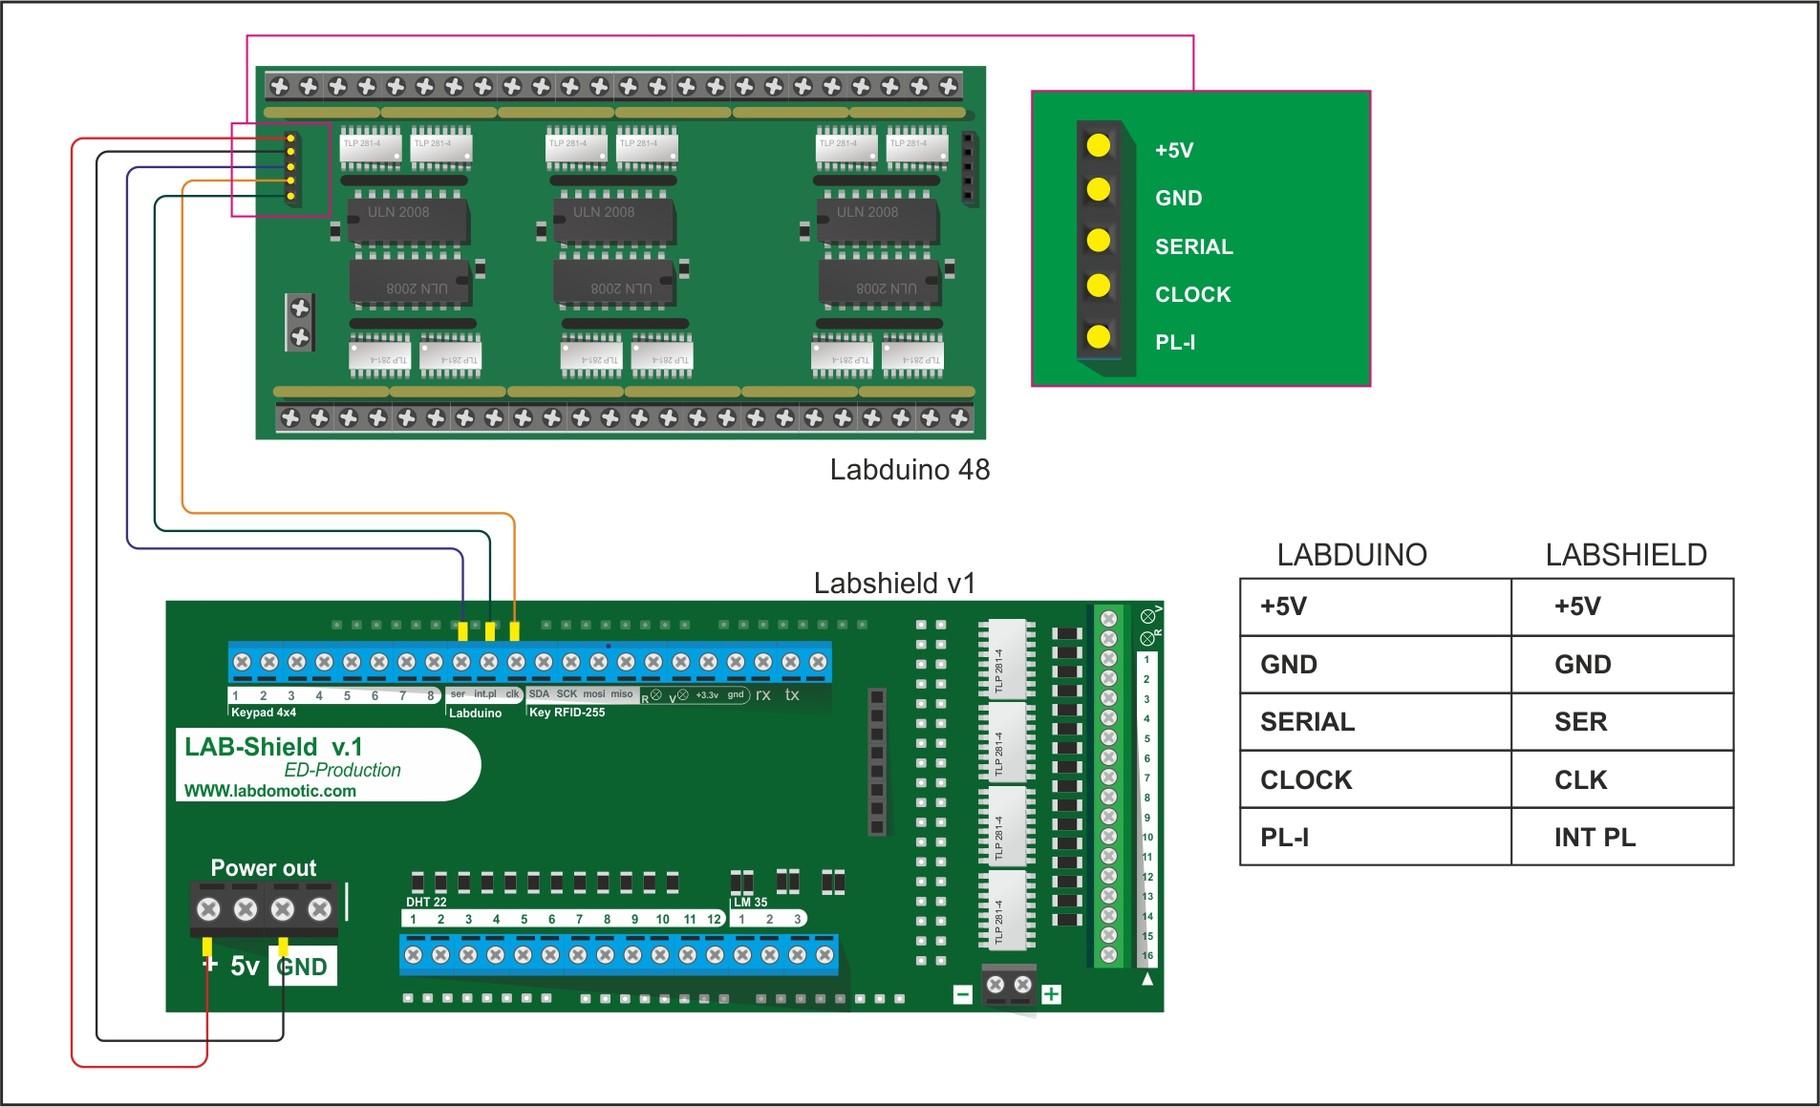 Schemi Elettrici App : Labshield schemi elettrici labdomotic progetto